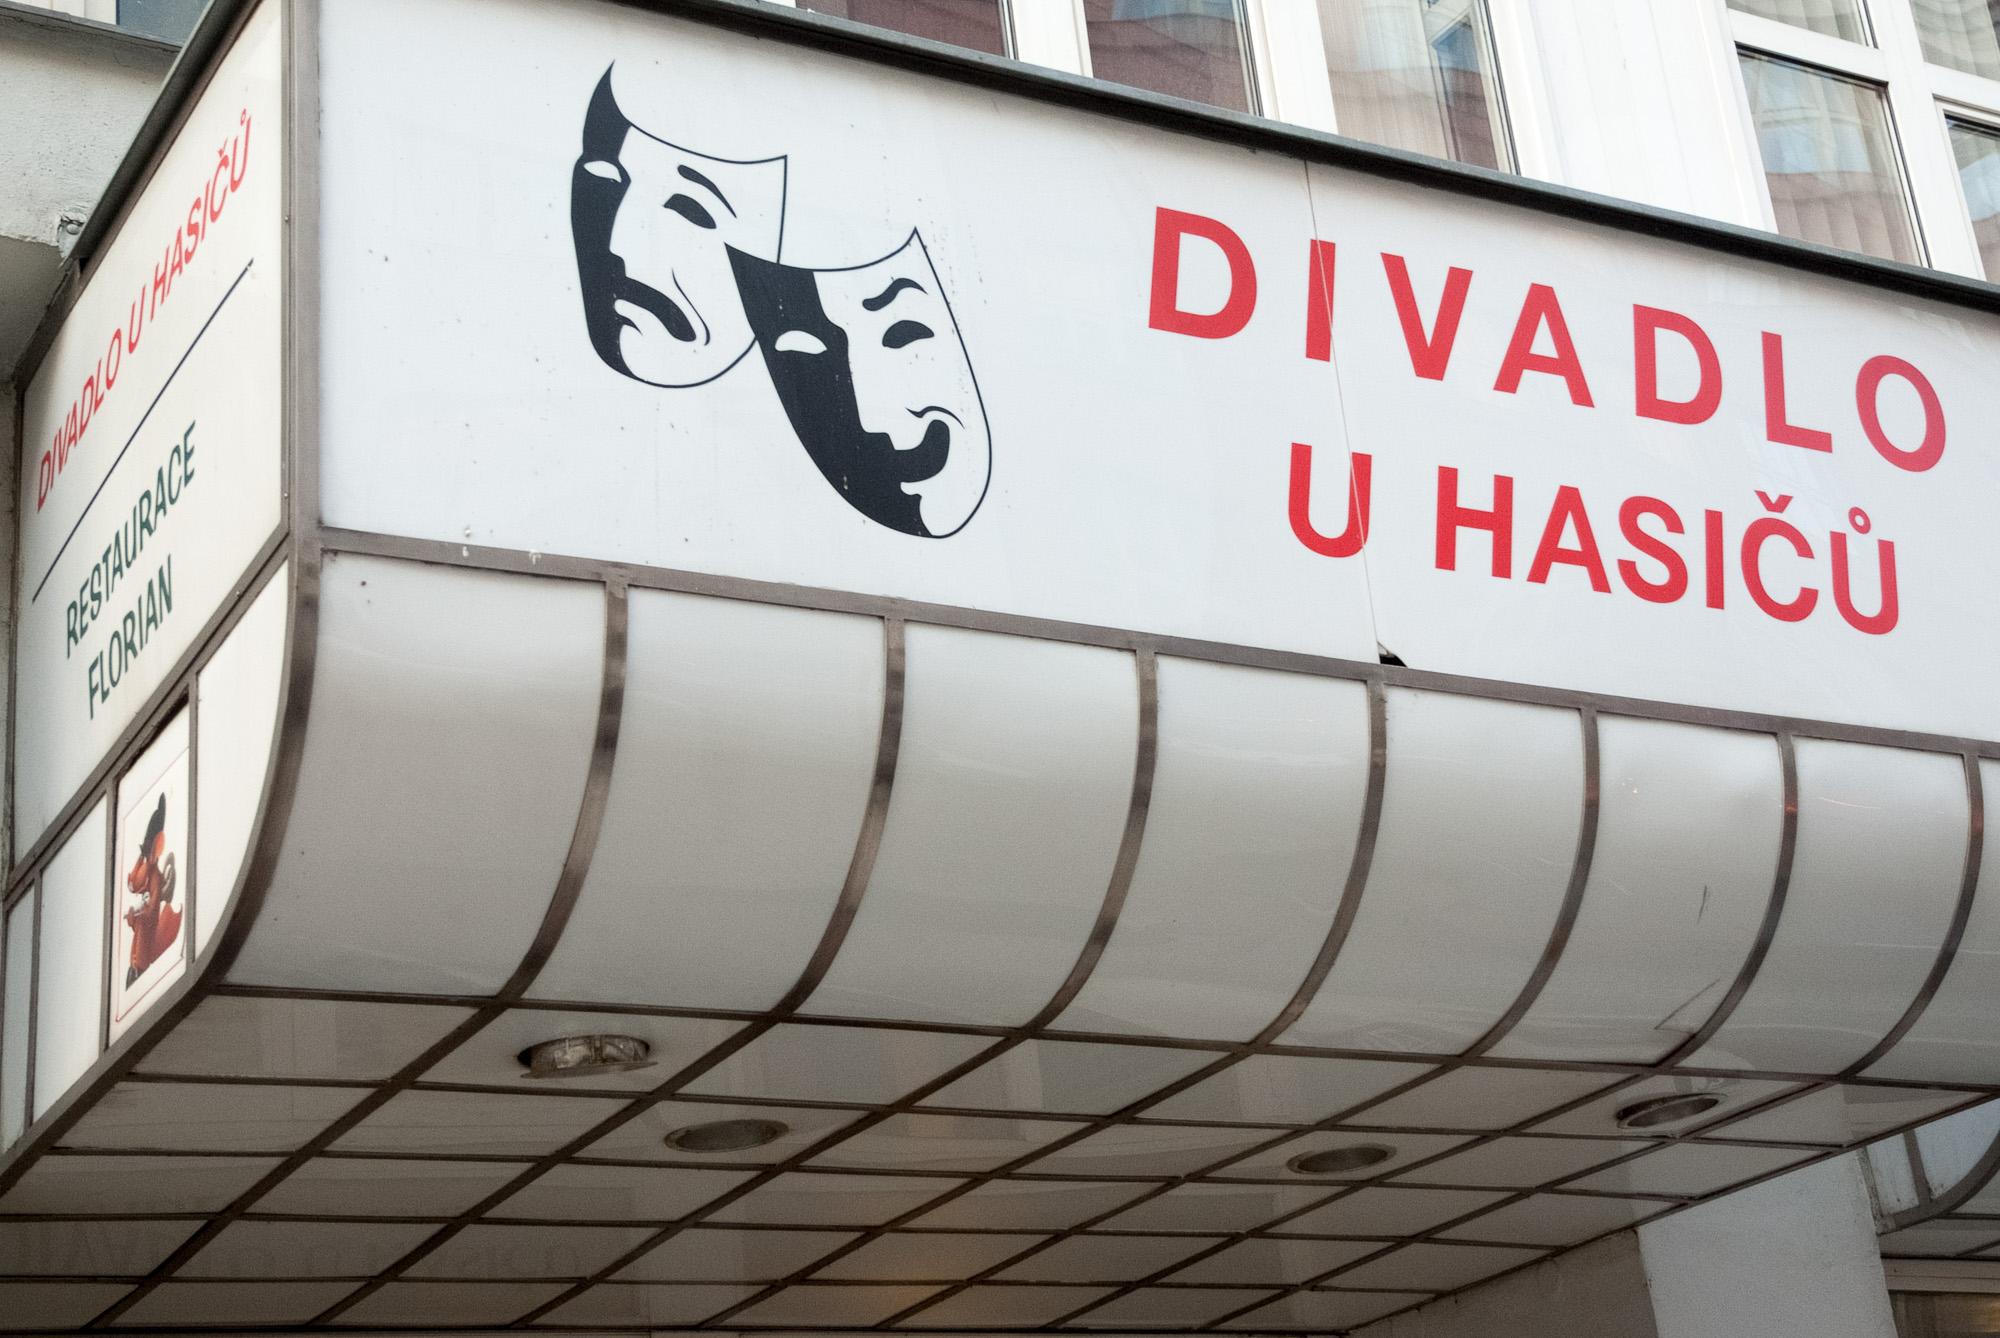 Divadlo U hasičů - Praha